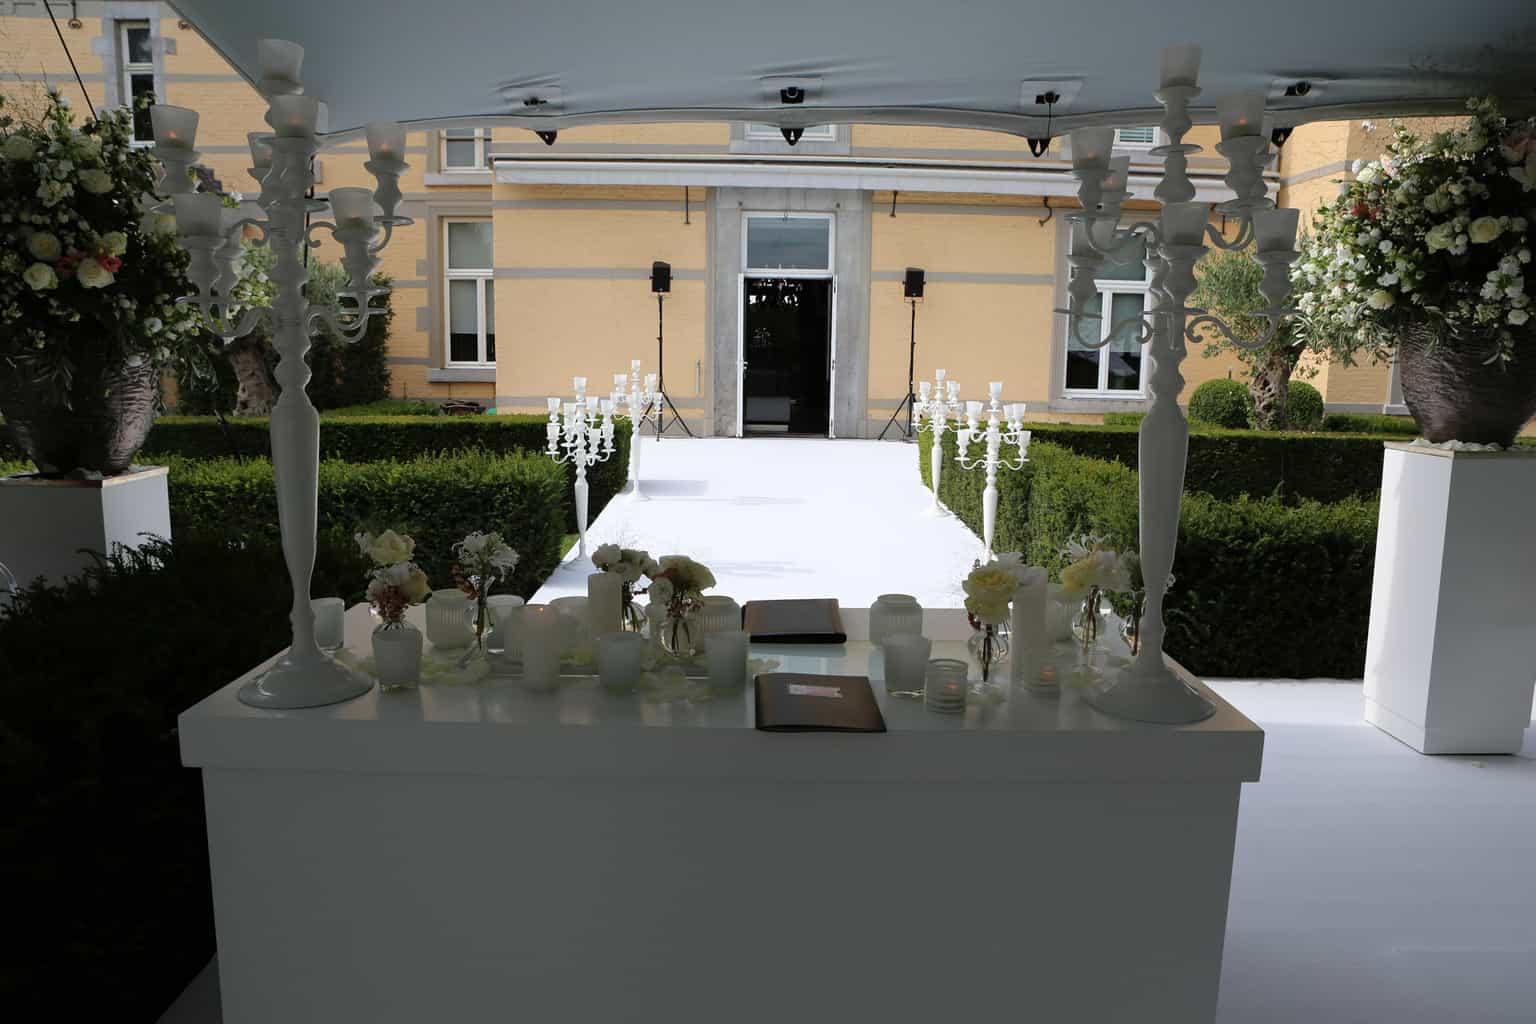 ceremonie op Kasteel de Hoogenweerth,Kasteel de Hoogenweerth, huwelijksdag, trouwen, bruiloft regelen, wedding en planning, weddingplanner